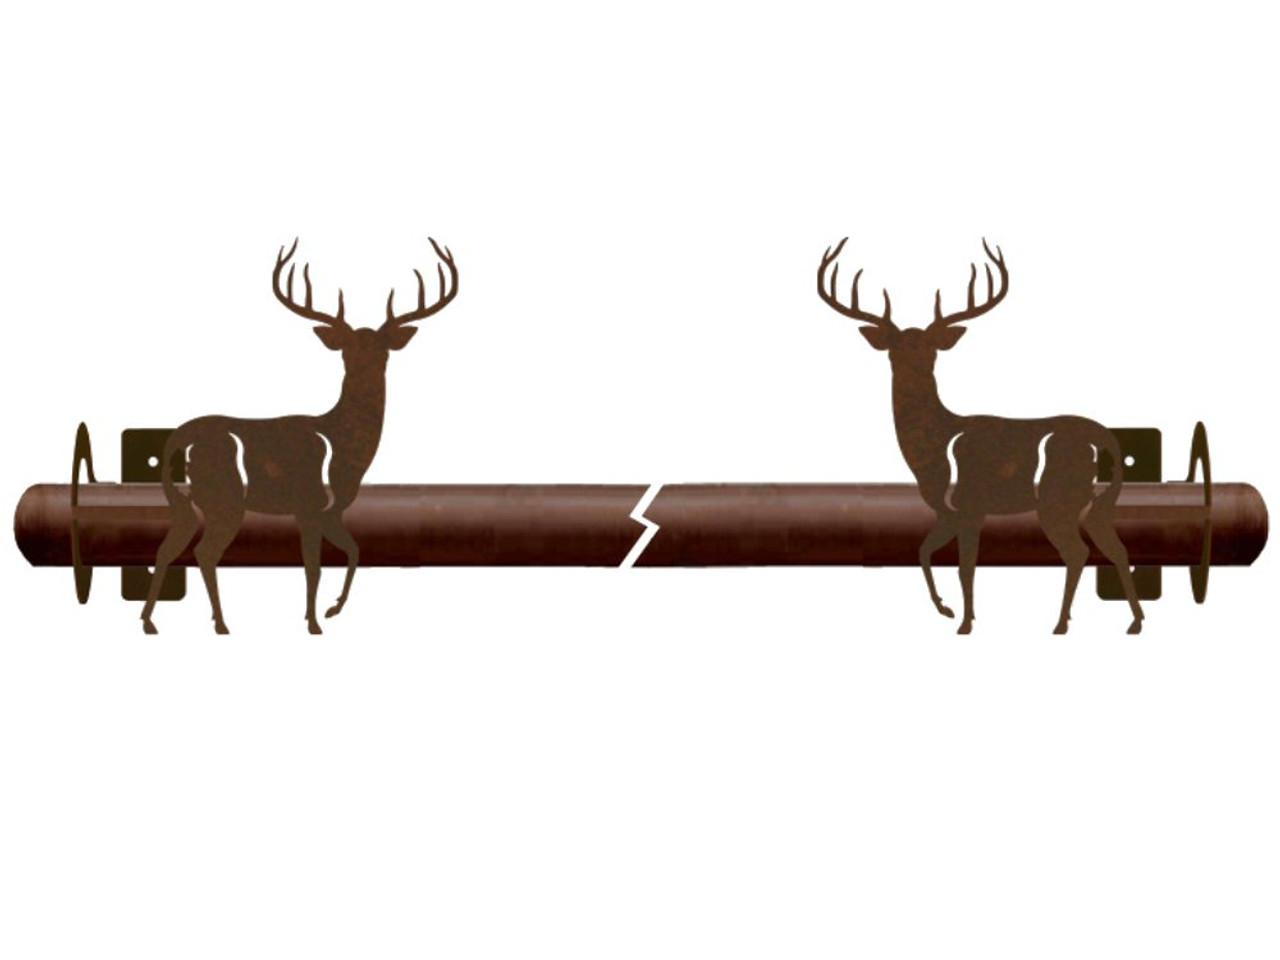 whitetail deer metal curtain rod holders